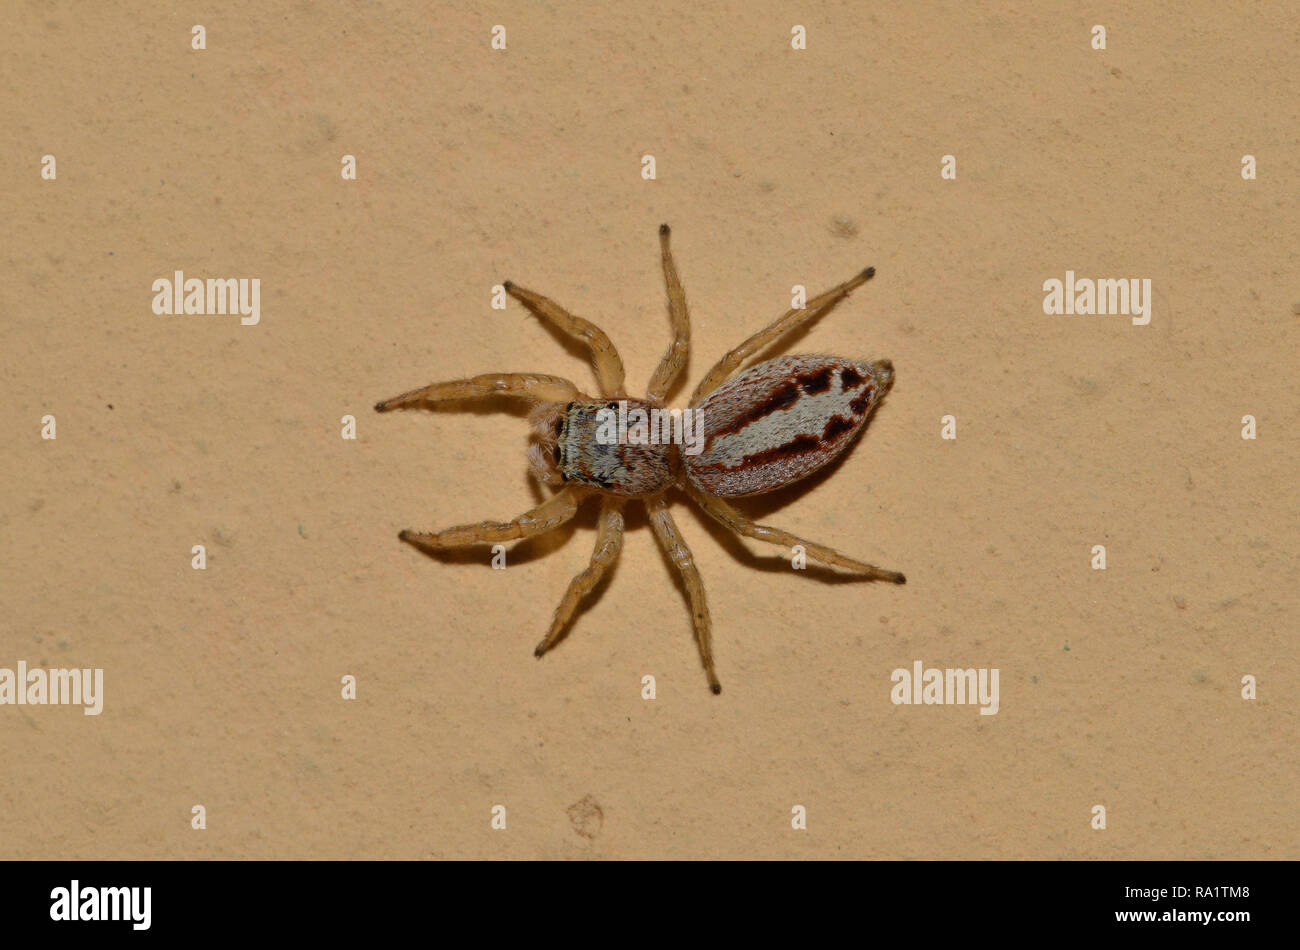 Muster eines gemeinsamen Spinne im Vordergrund an der Wand Stockbild